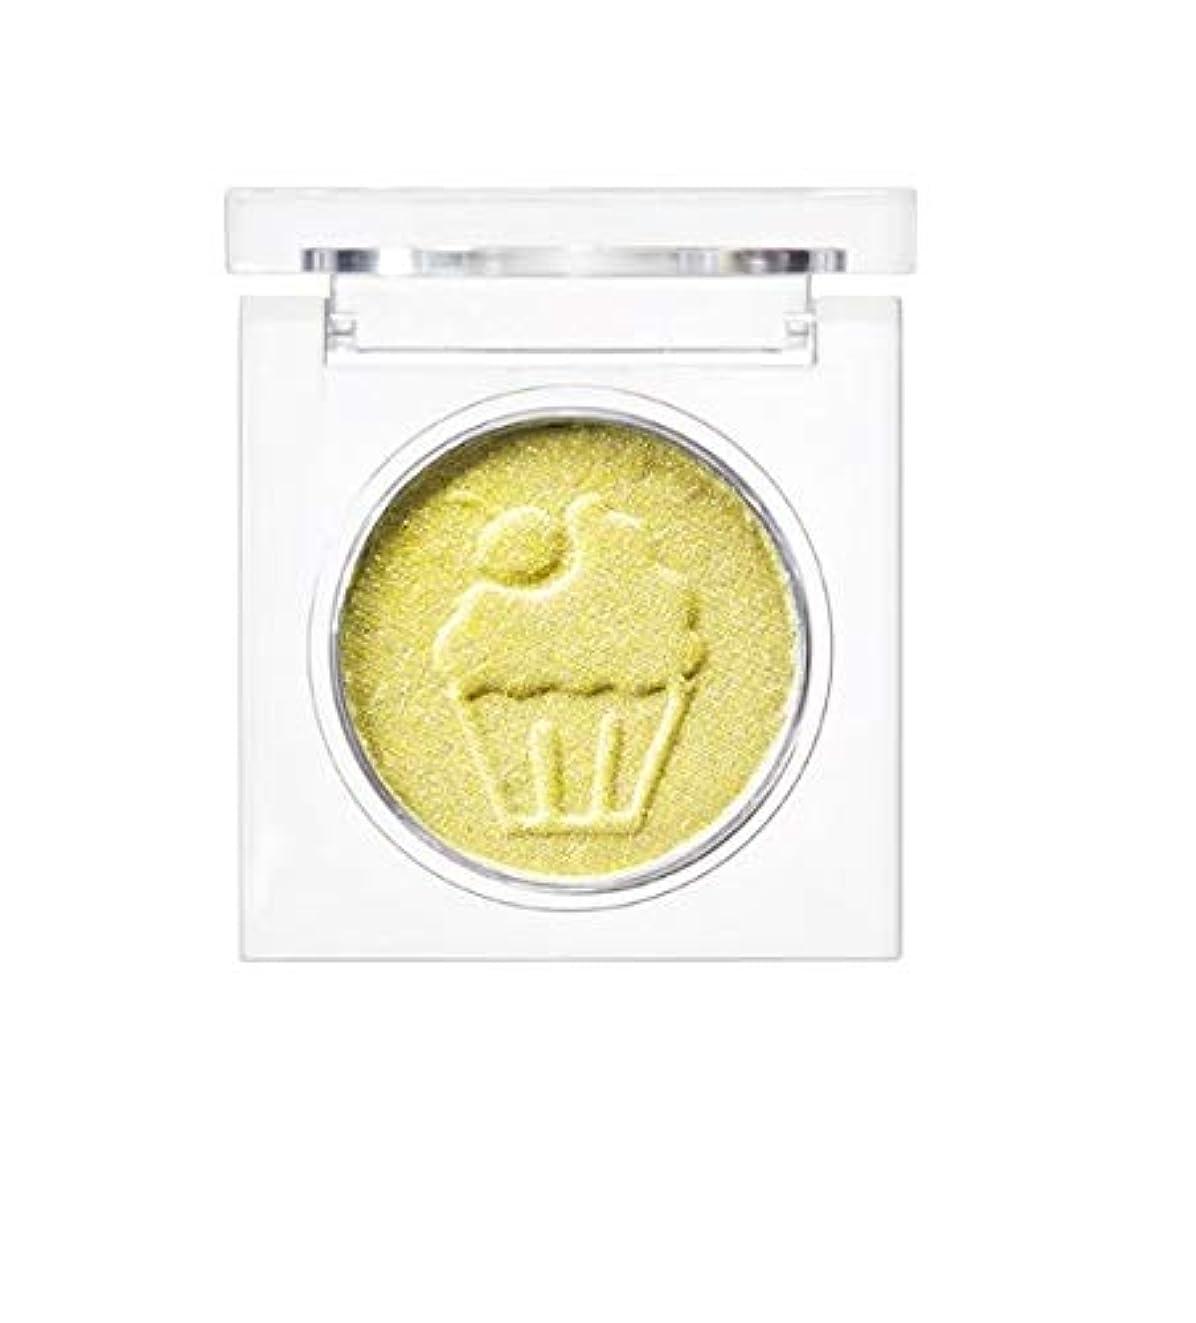 曇った拡大する浮くSkinfood 私のデザートパーティーアイシャドウ#G02ライムプリン / My Dessert Party Eyeshadow #G02 Lime Pudding [並行輸入品]